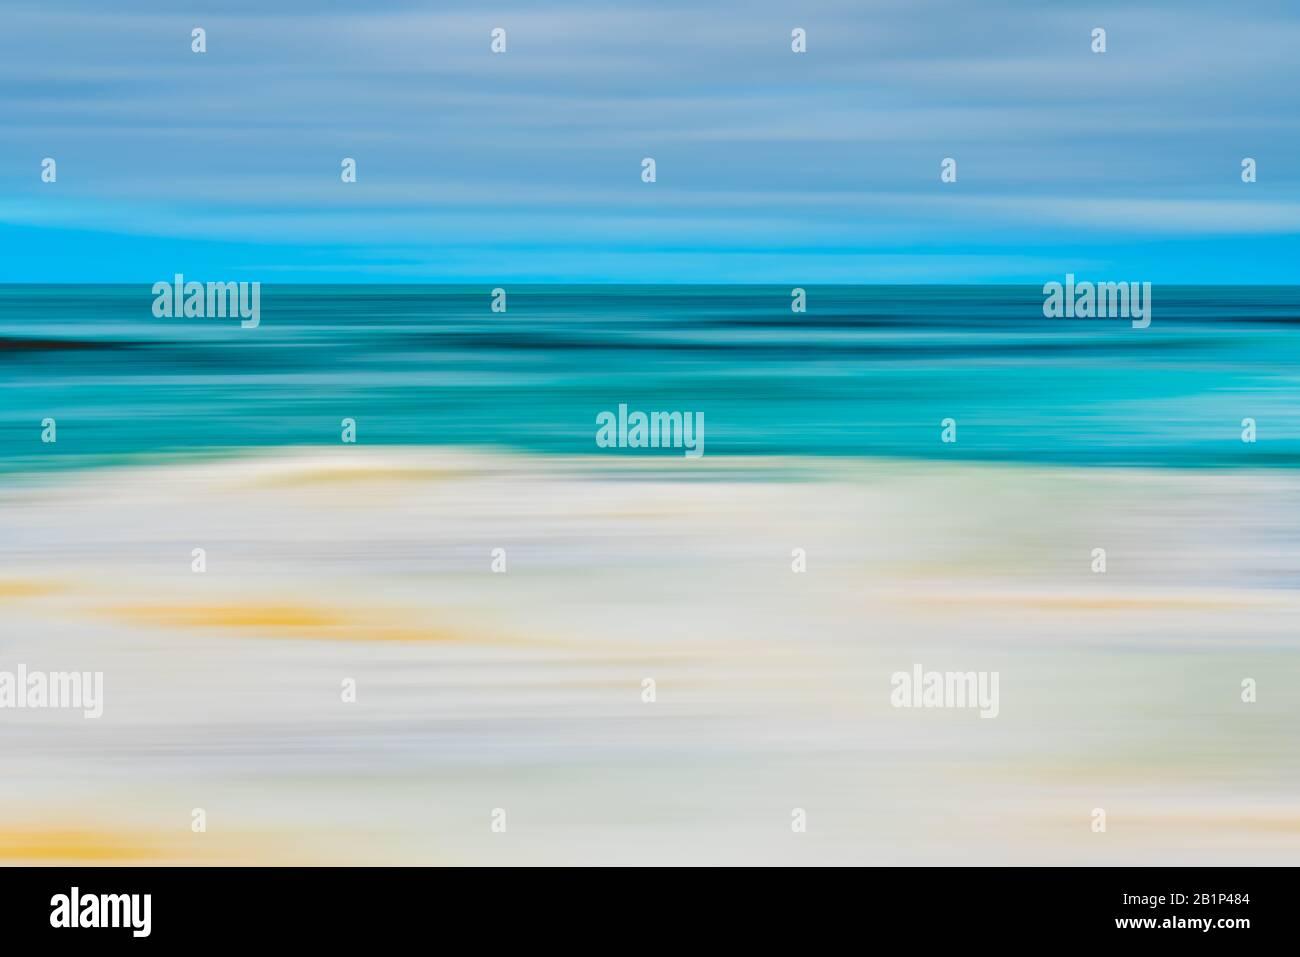 Fondo abstracto marino. Océano tormentoso, y hermoso cielo nublado. Arte lineal, desenfoque de movimiento, azul, turquesa, amarillo Foto de stock